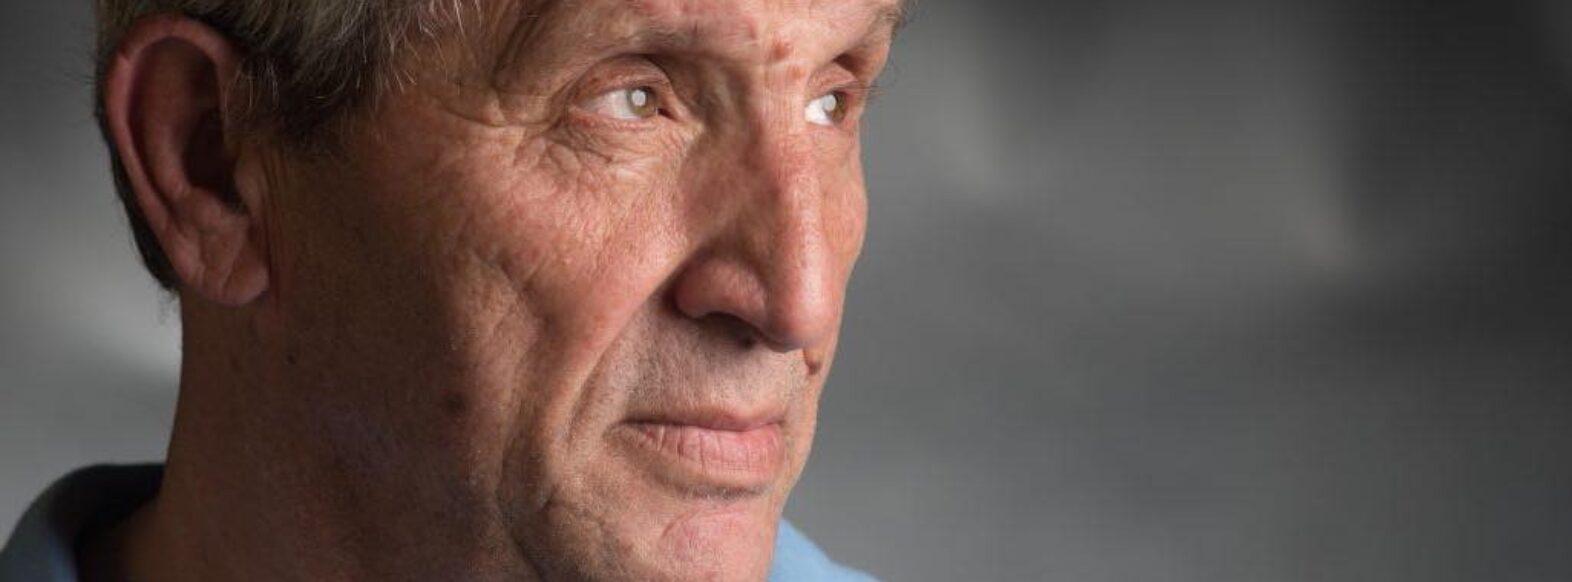 חבר מועצת עיריית קריית ביאליק יעקב בוחבוט נפטר לאחר שחלה במחלת הקורונה